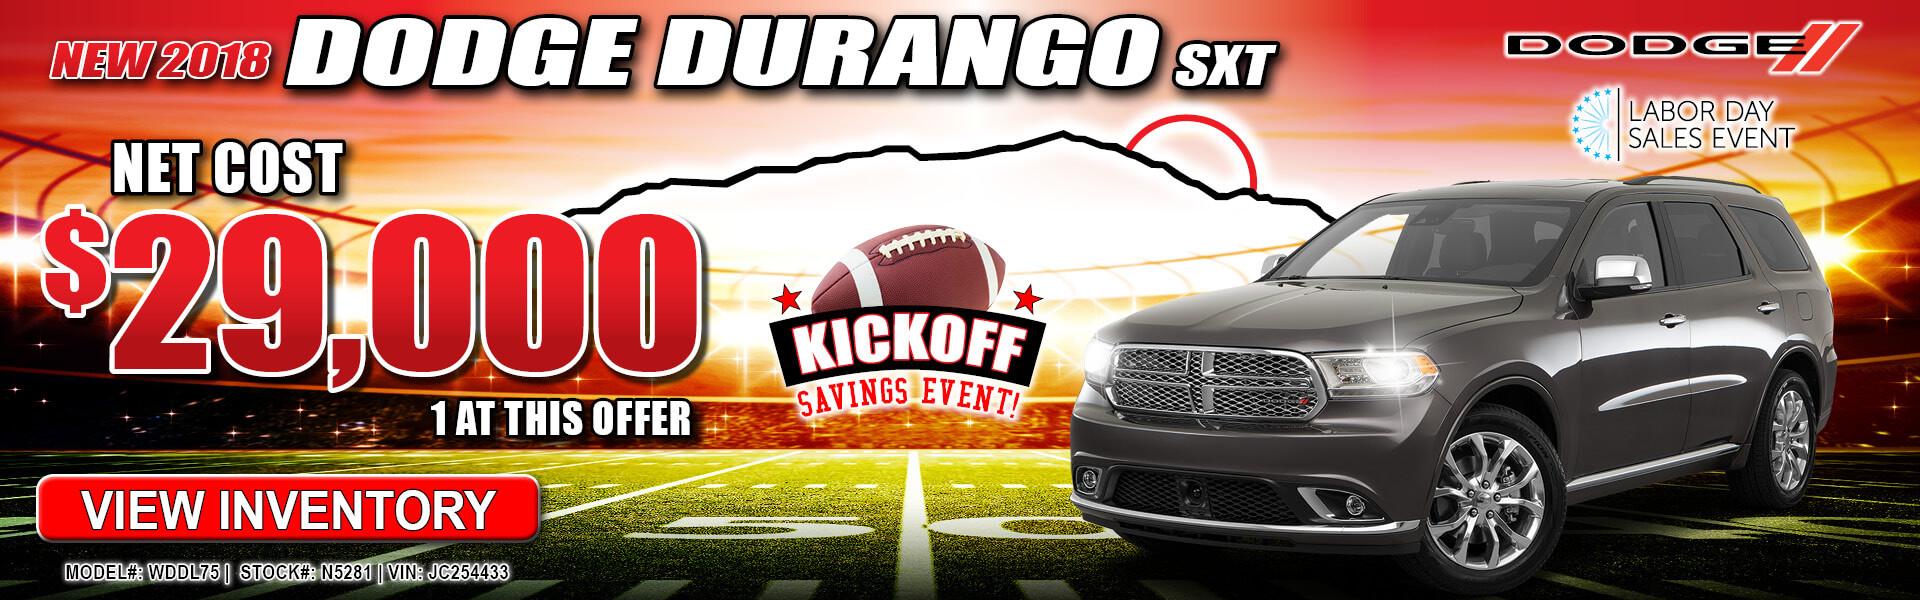 Dodge Durango $29,000